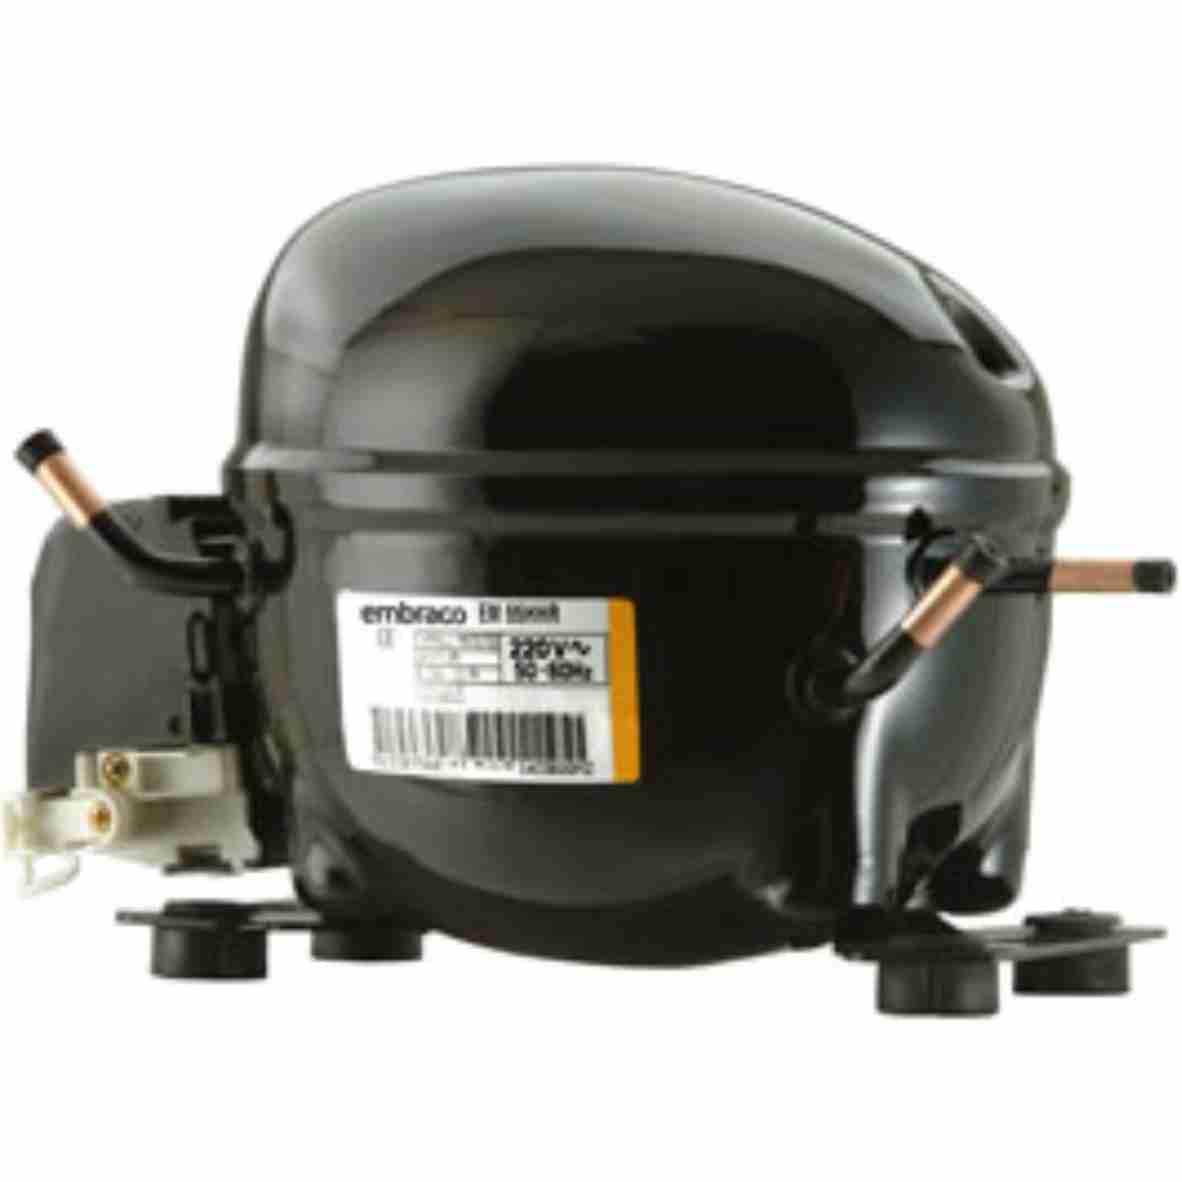 Compressor 1/6 110V 134 EMI 60HER Embraco